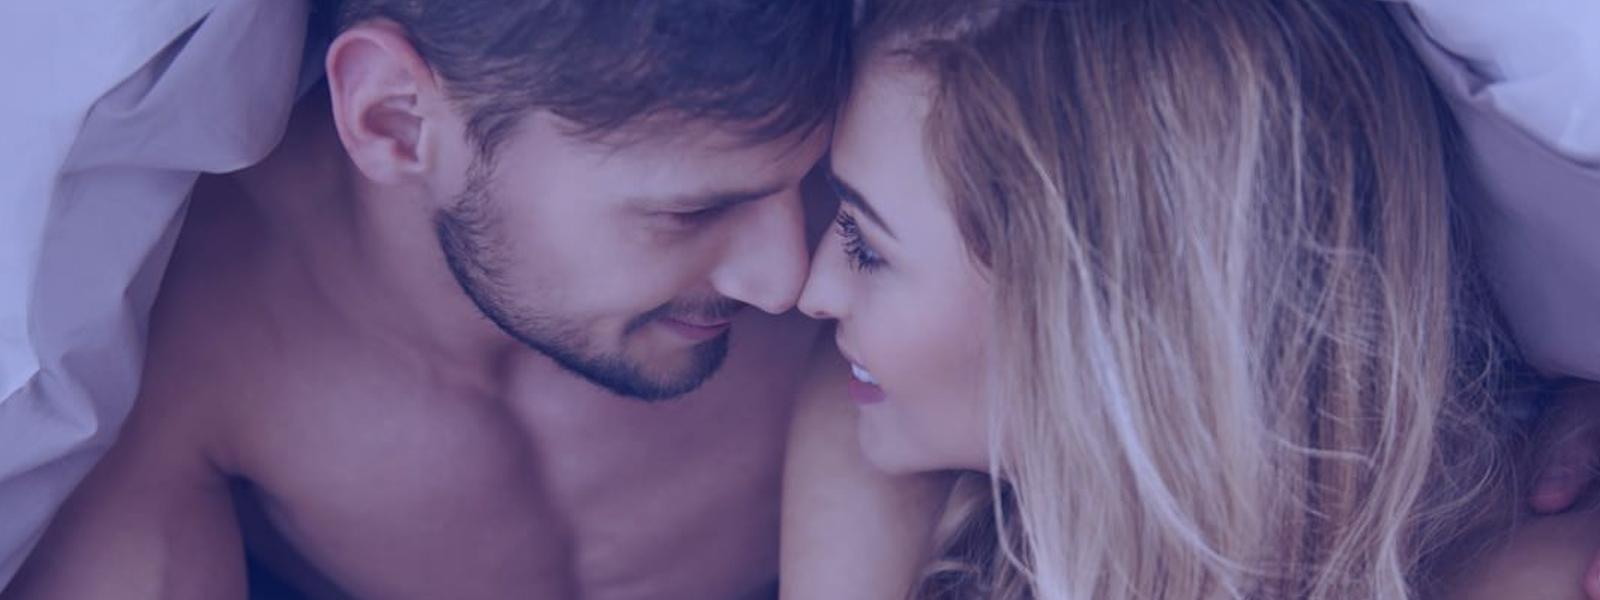 İlk Defa Cinsel İlişkiye Girecek Olan Erkeklere Tavsiyeler